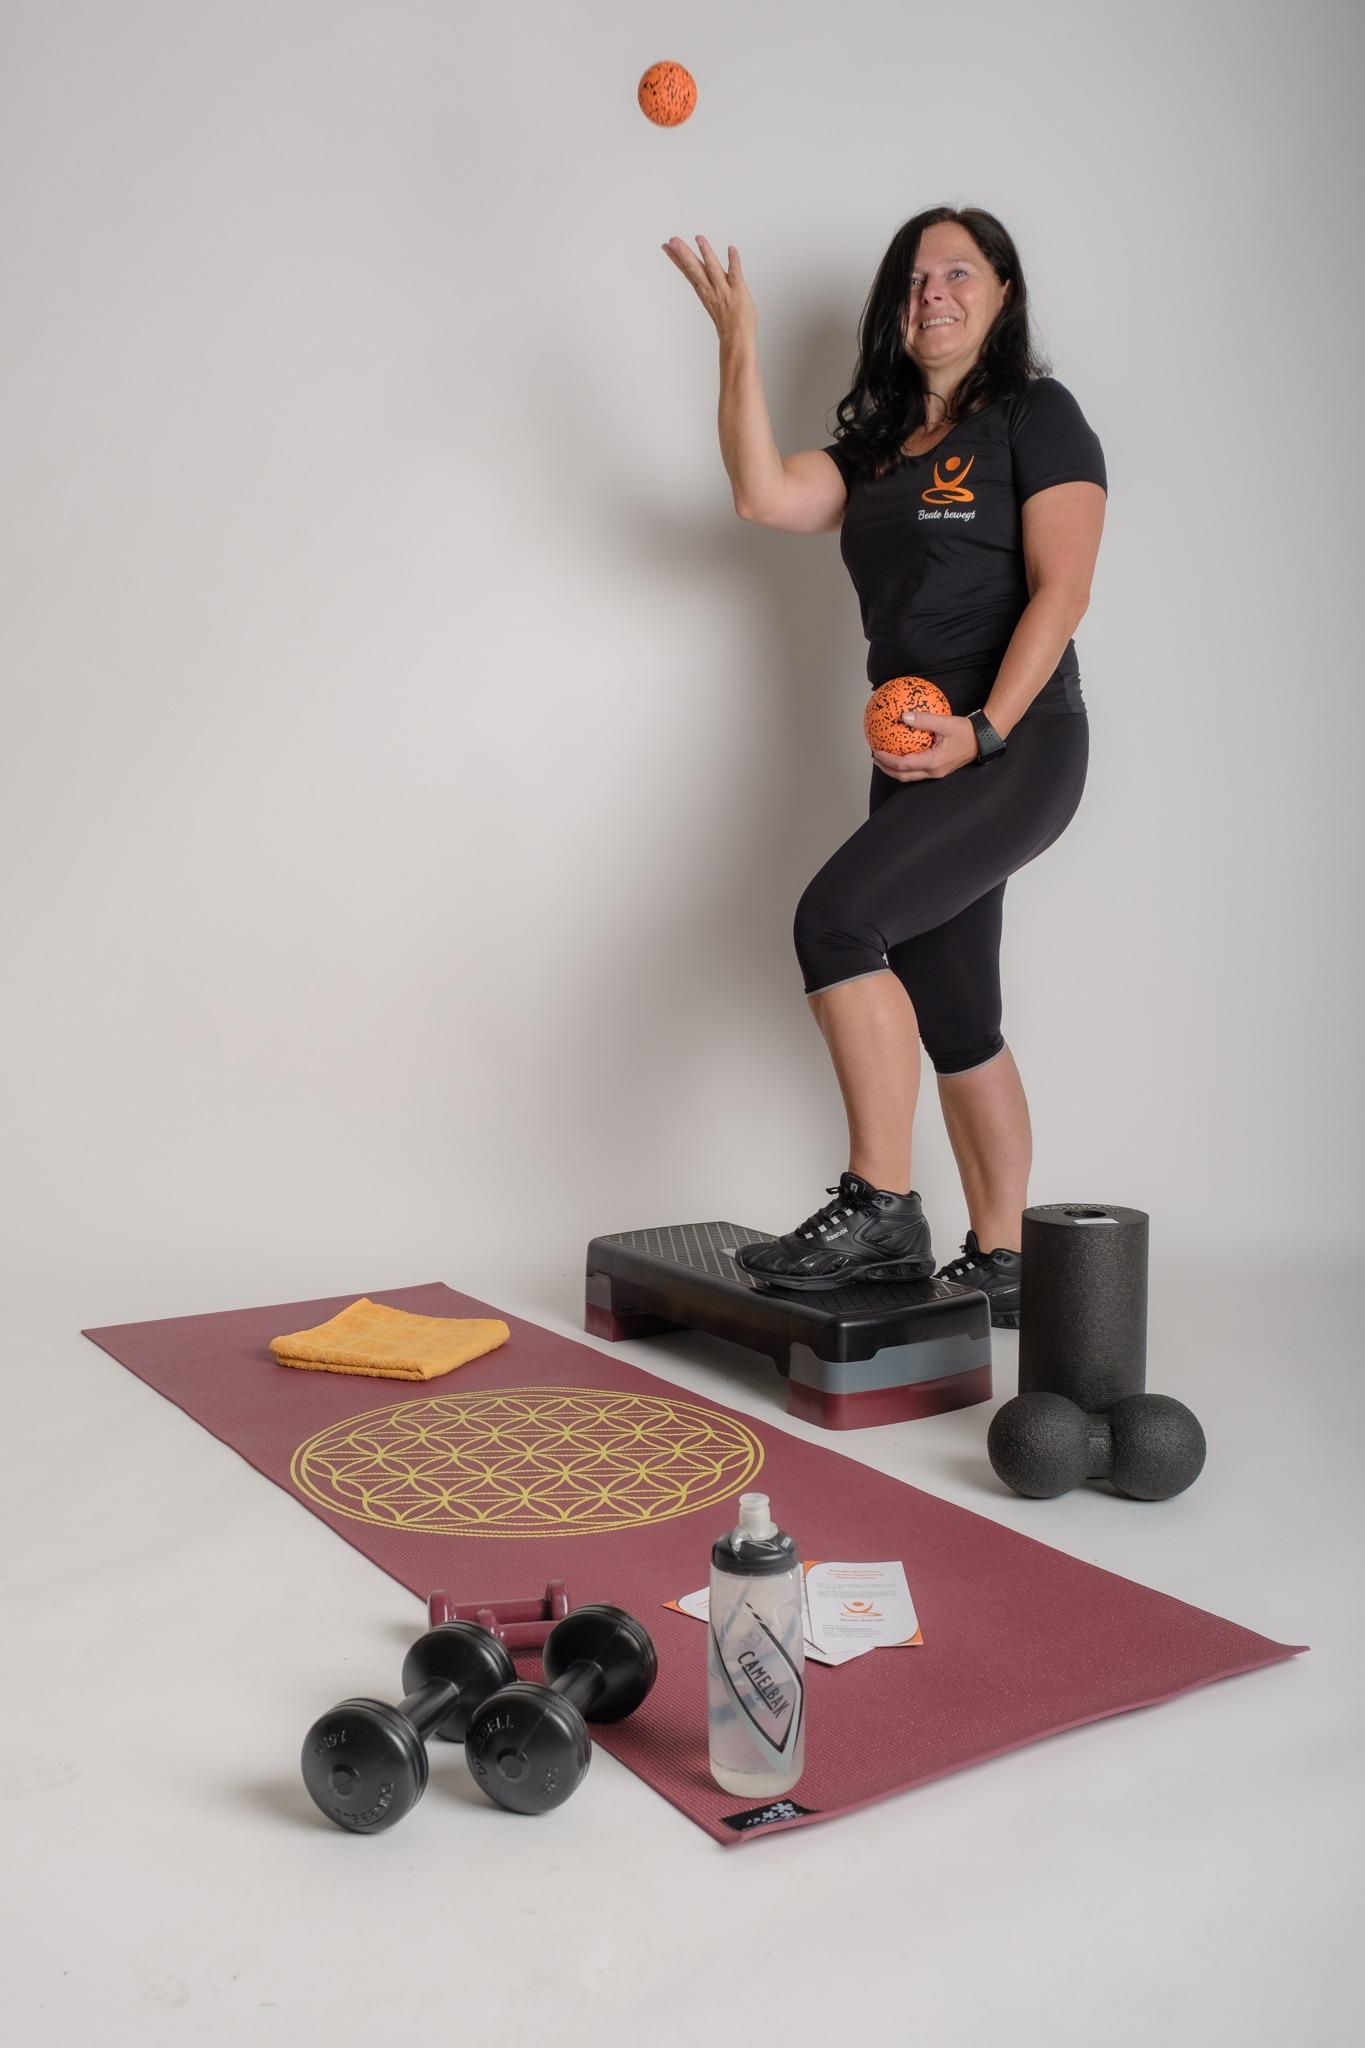 Step-Aerobic, Bauch-Bein-Po, Rückenfit, Faszientraining